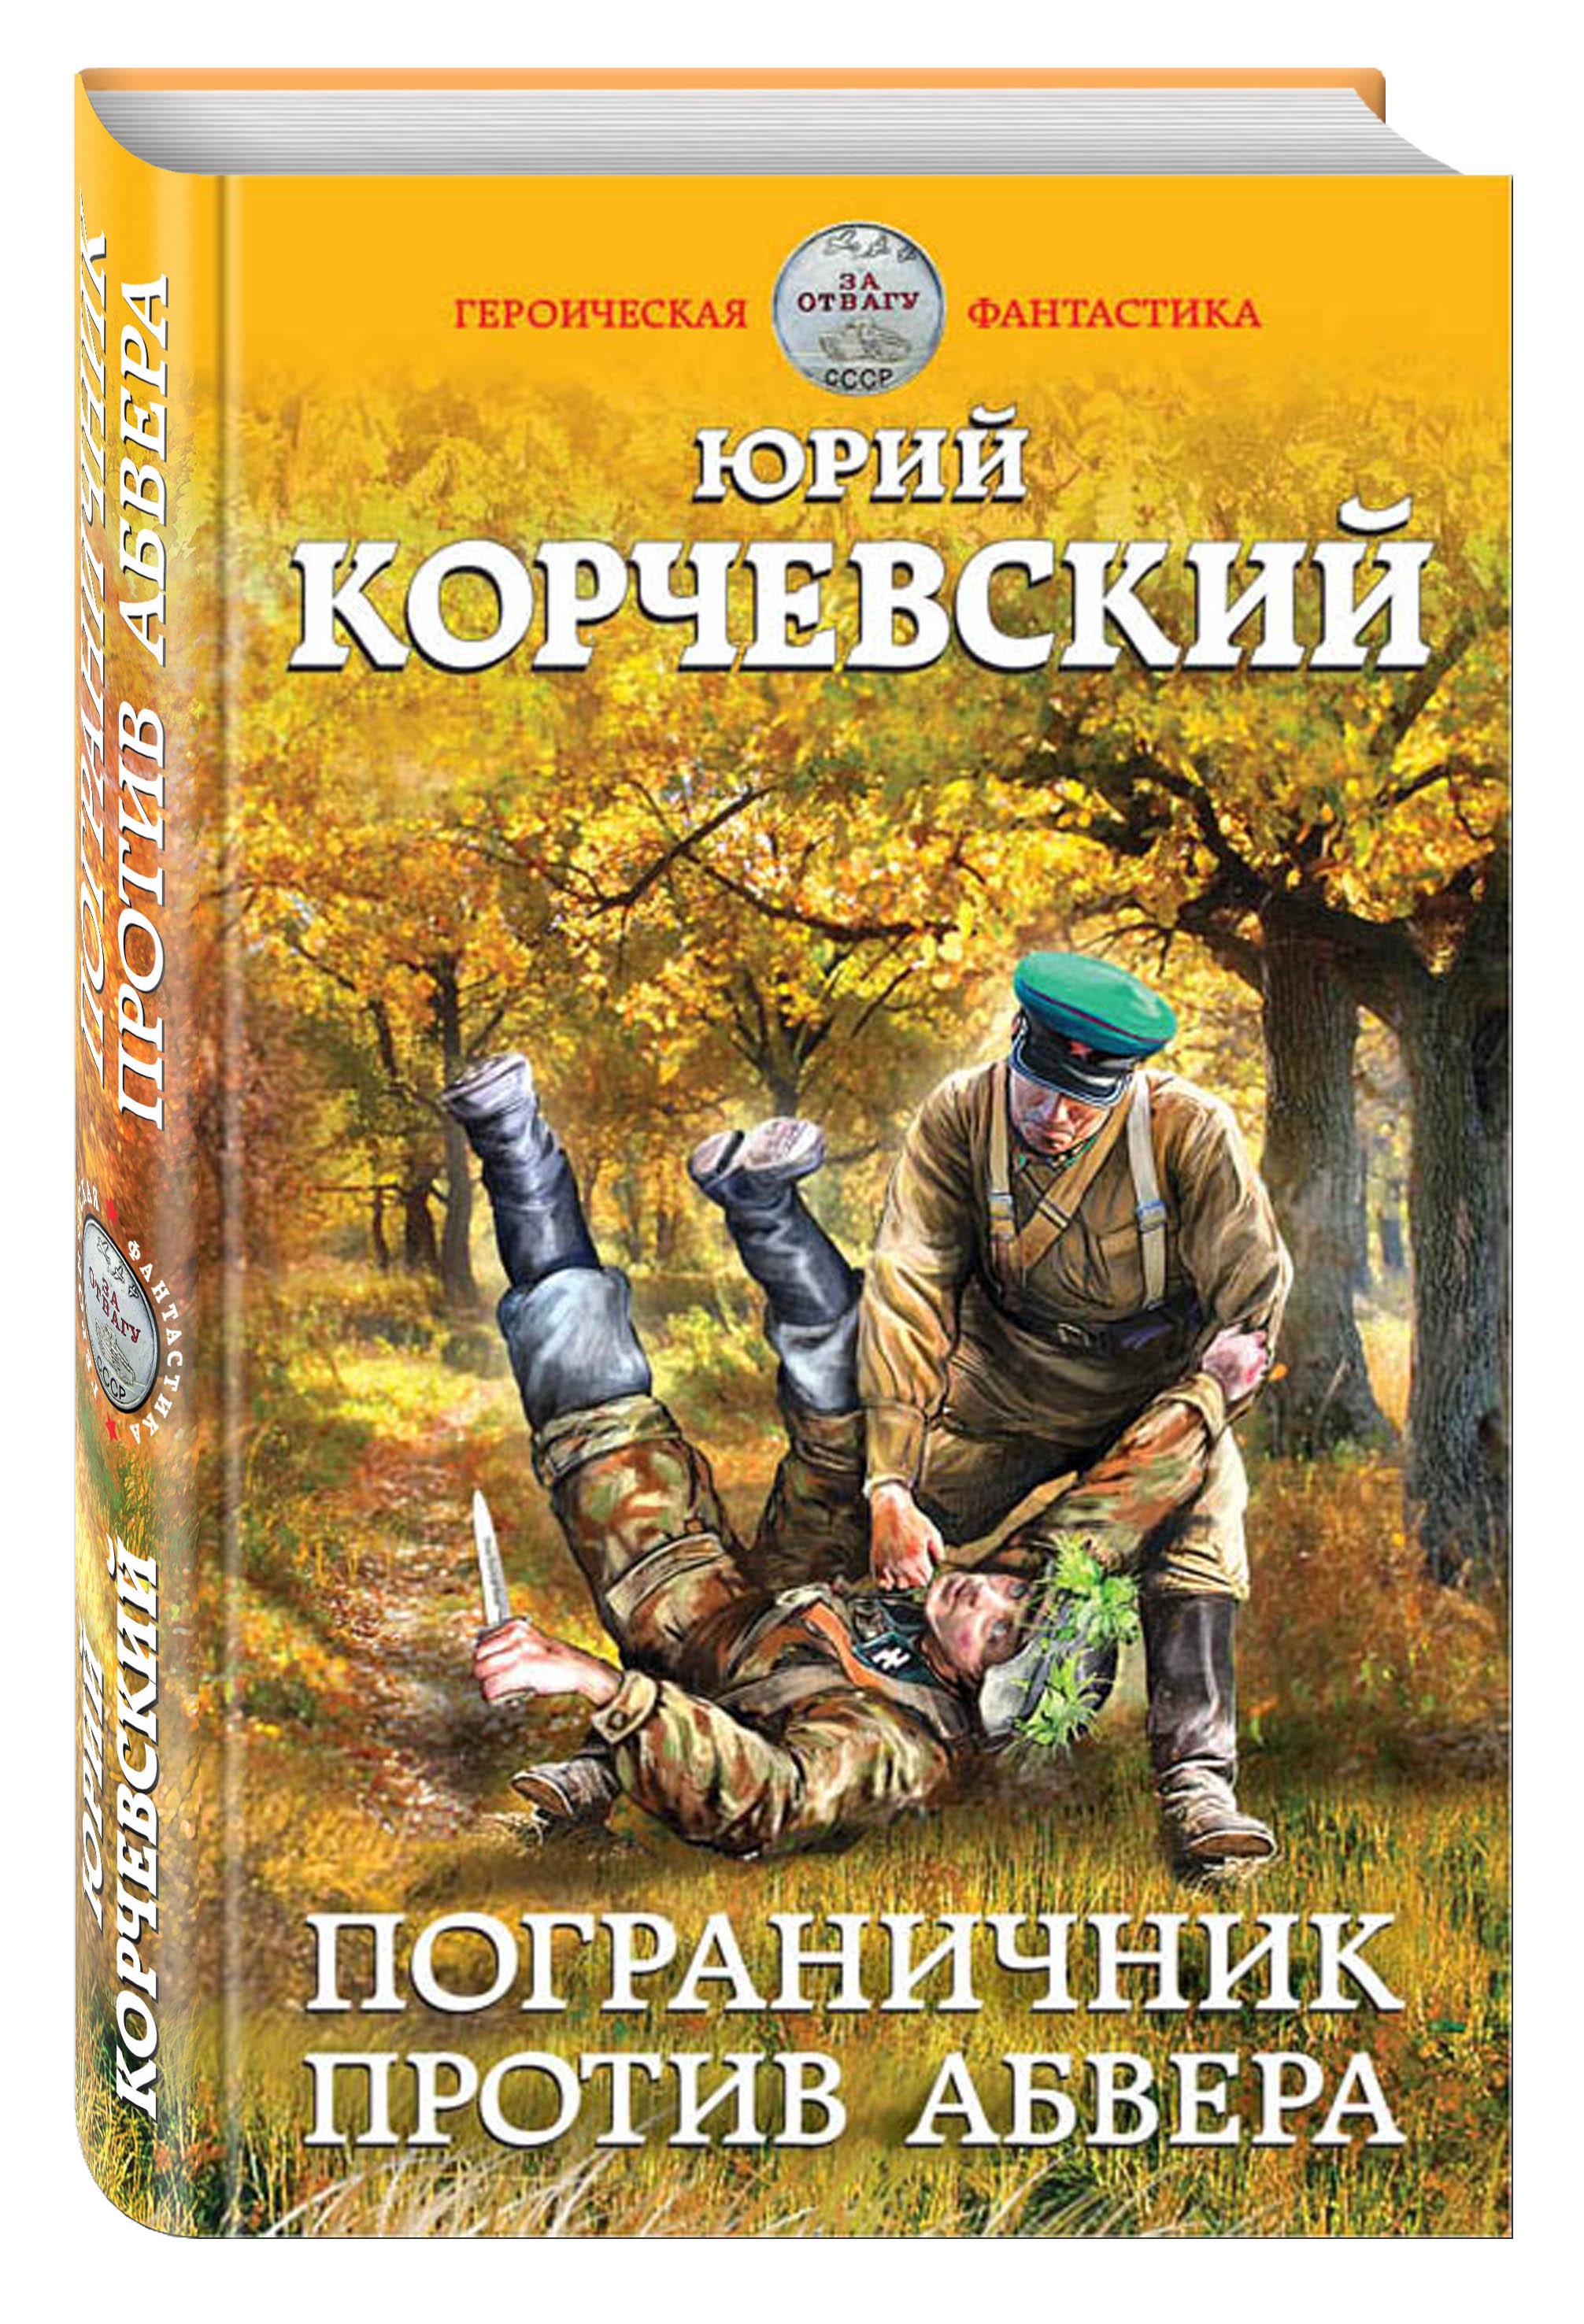 Пограничник против абвера ( Корчевский Ю.Г.  )